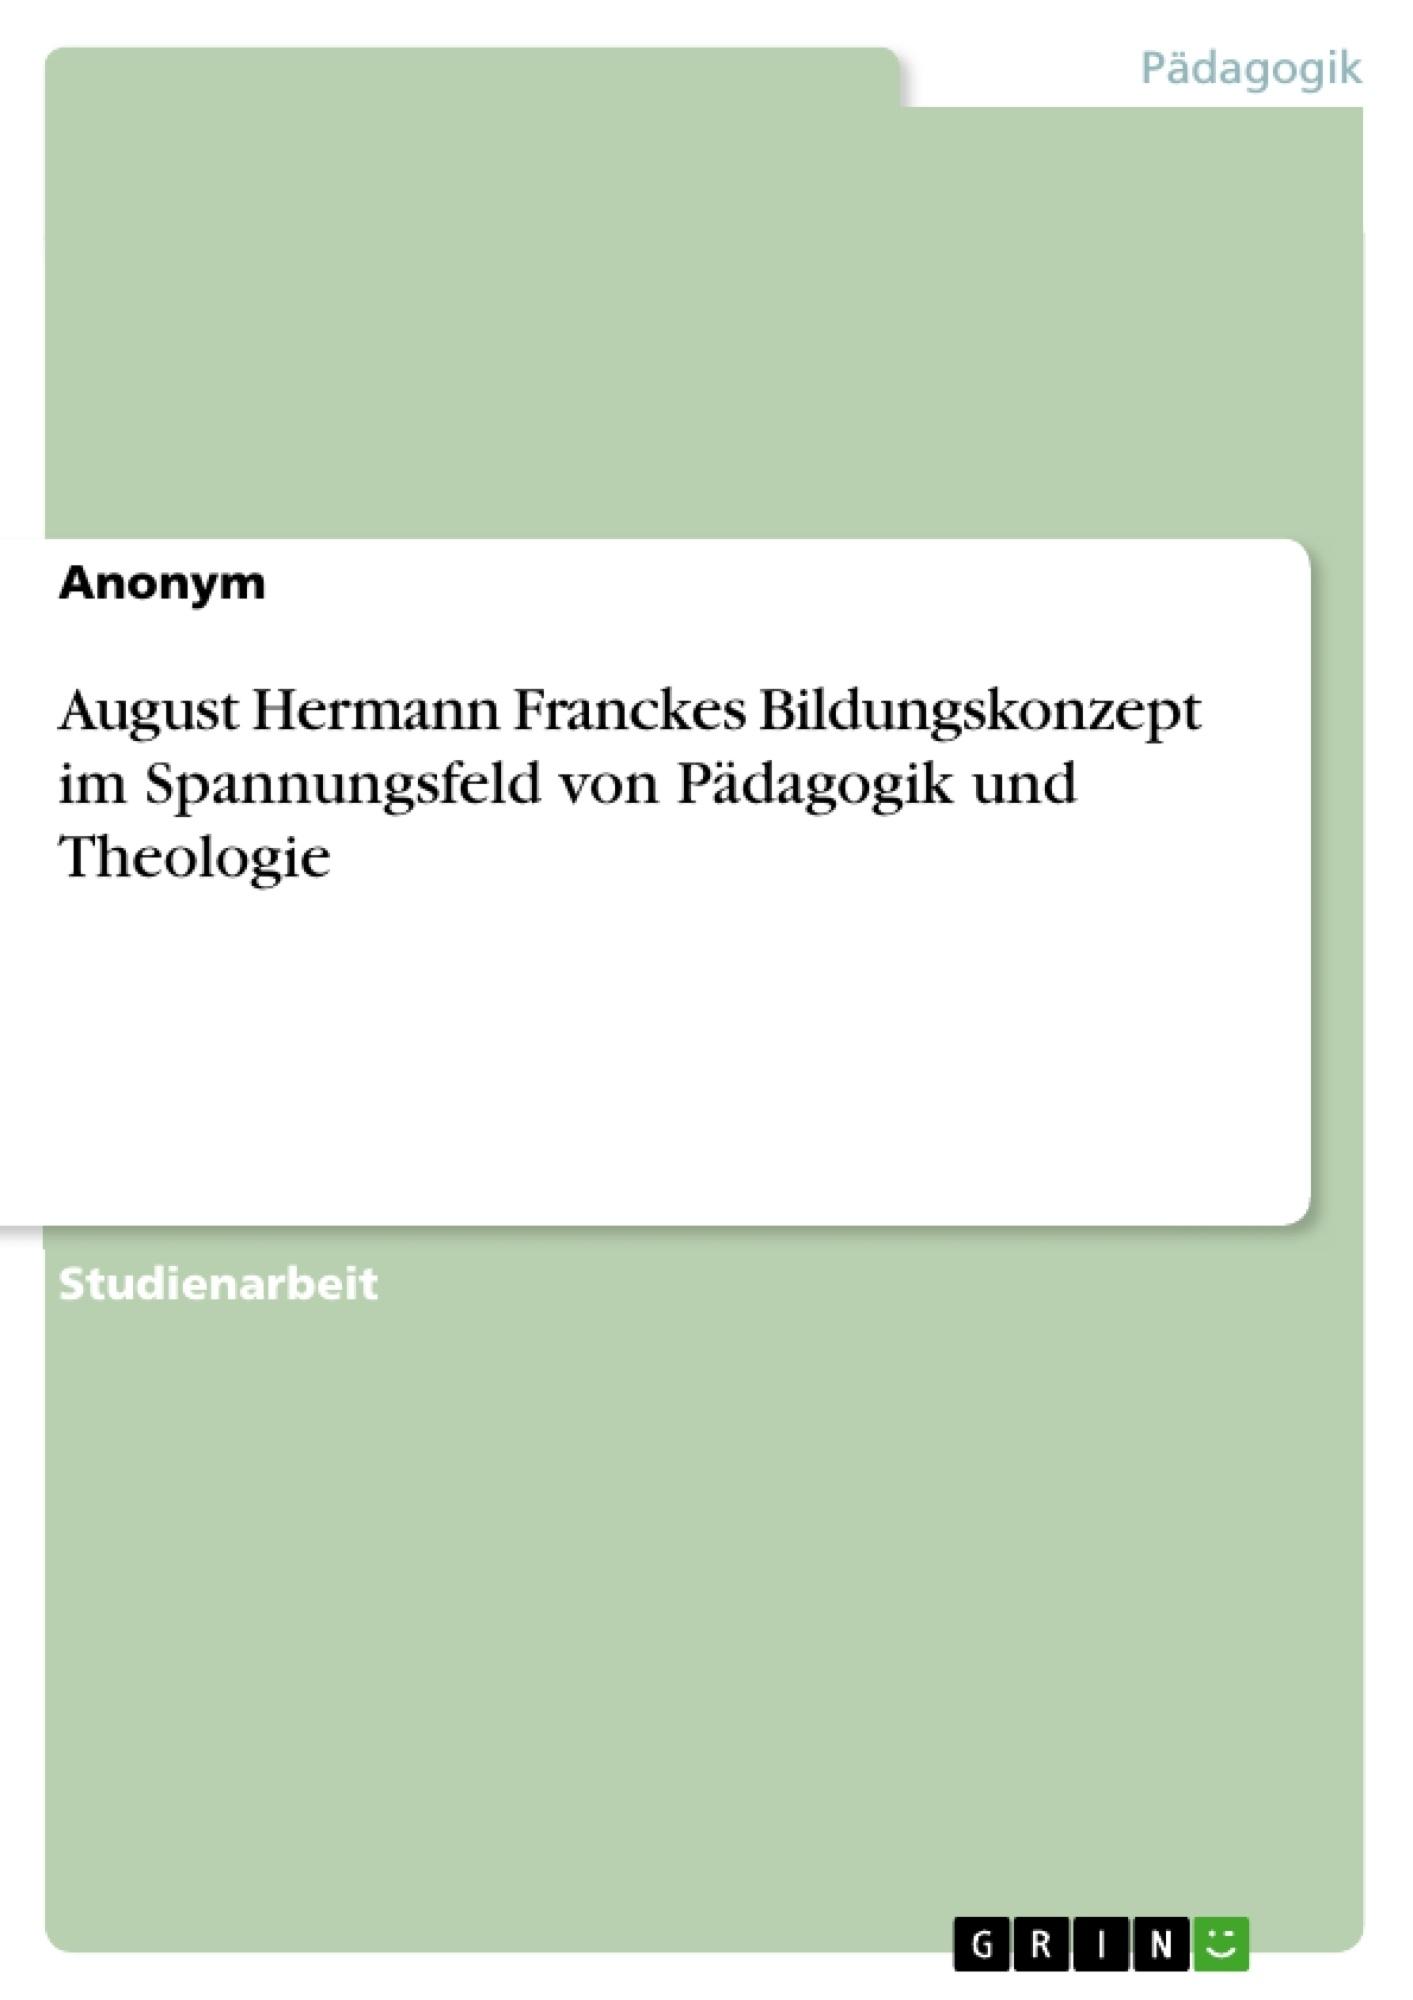 Titel: August Hermann Franckes Bildungskonzept im Spannungsfeld von Pädagogik und Theologie